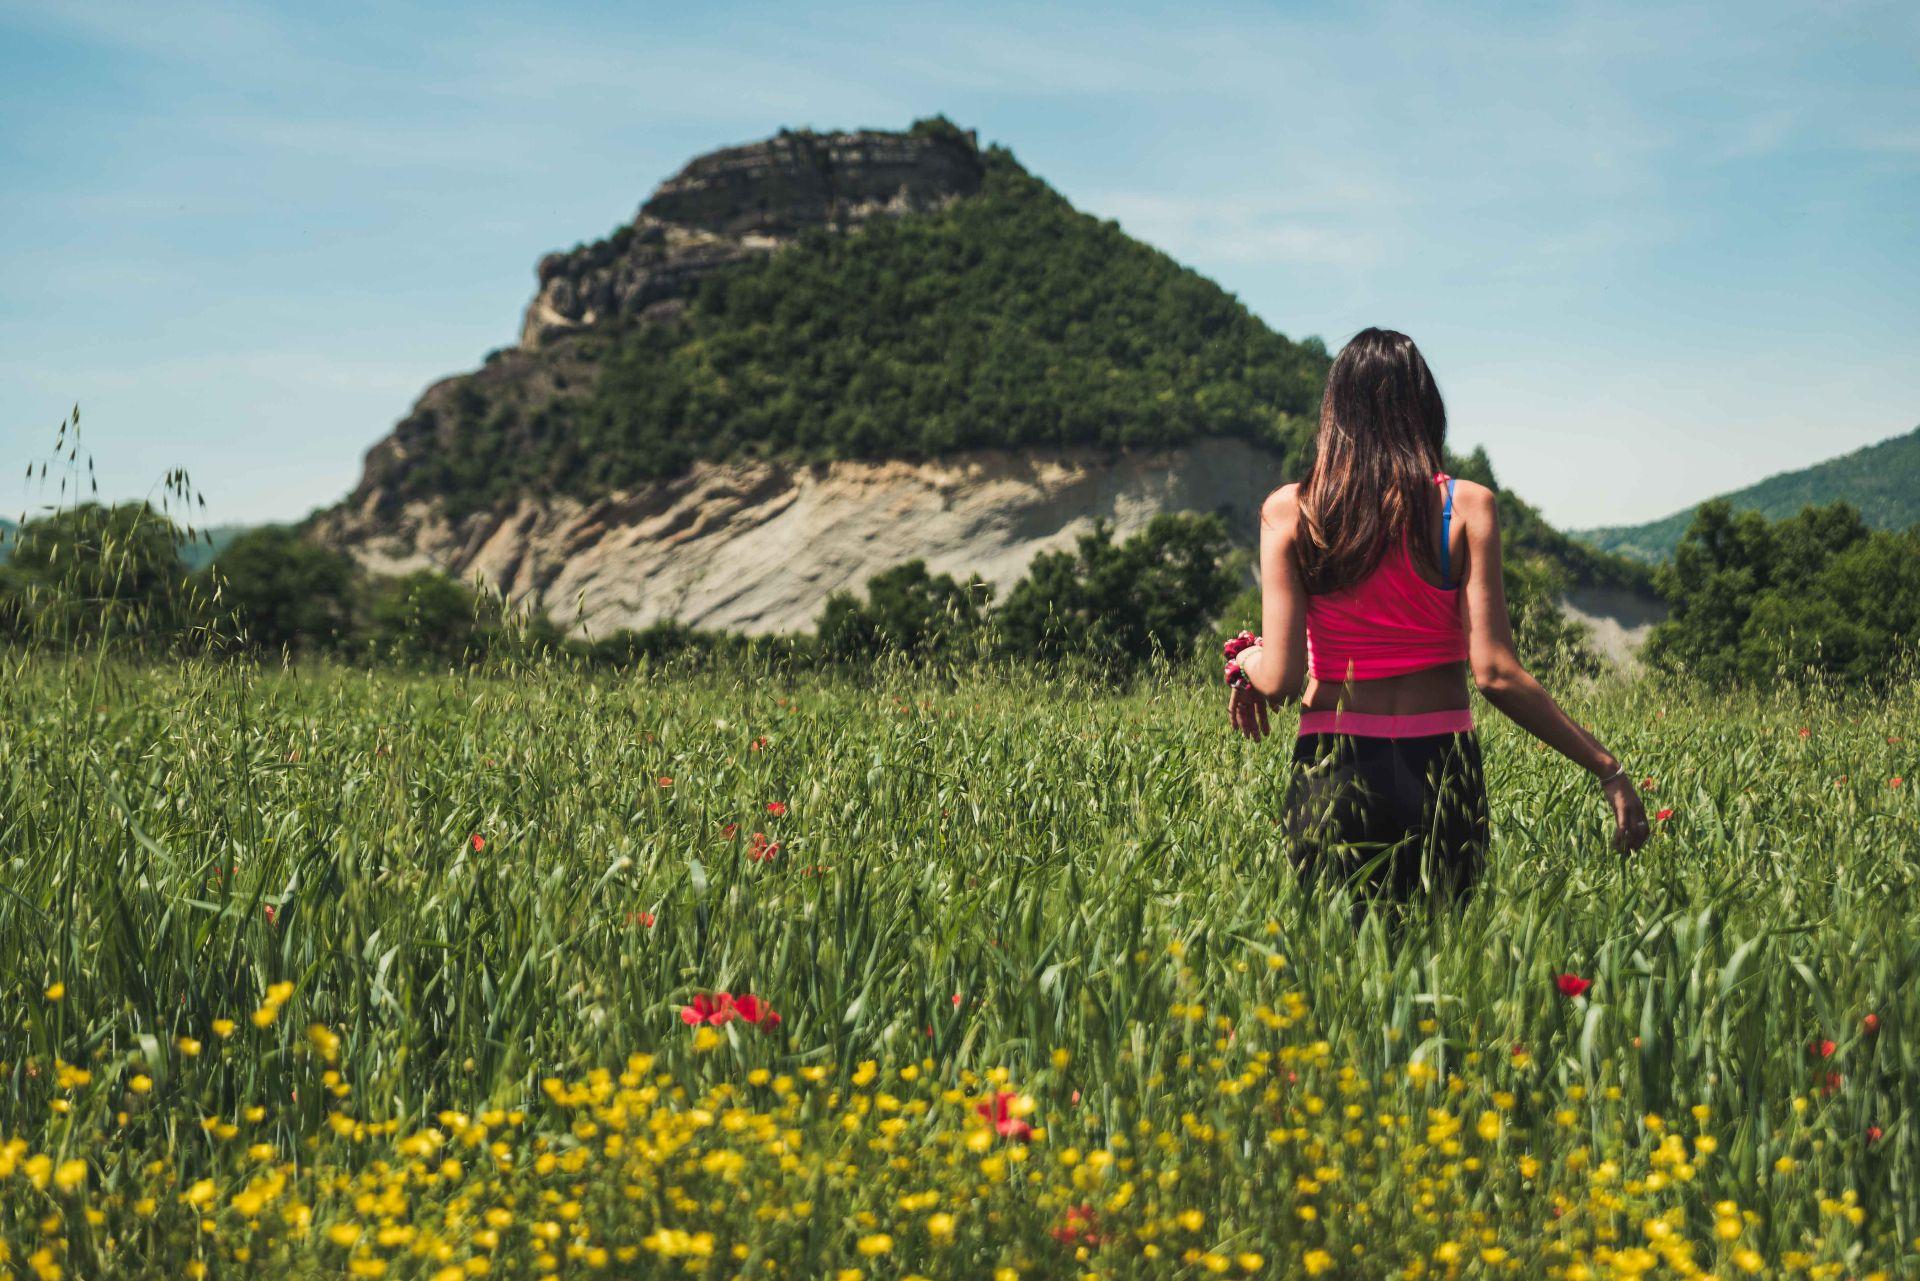 Trekking tra i fiori in Valmarecchia